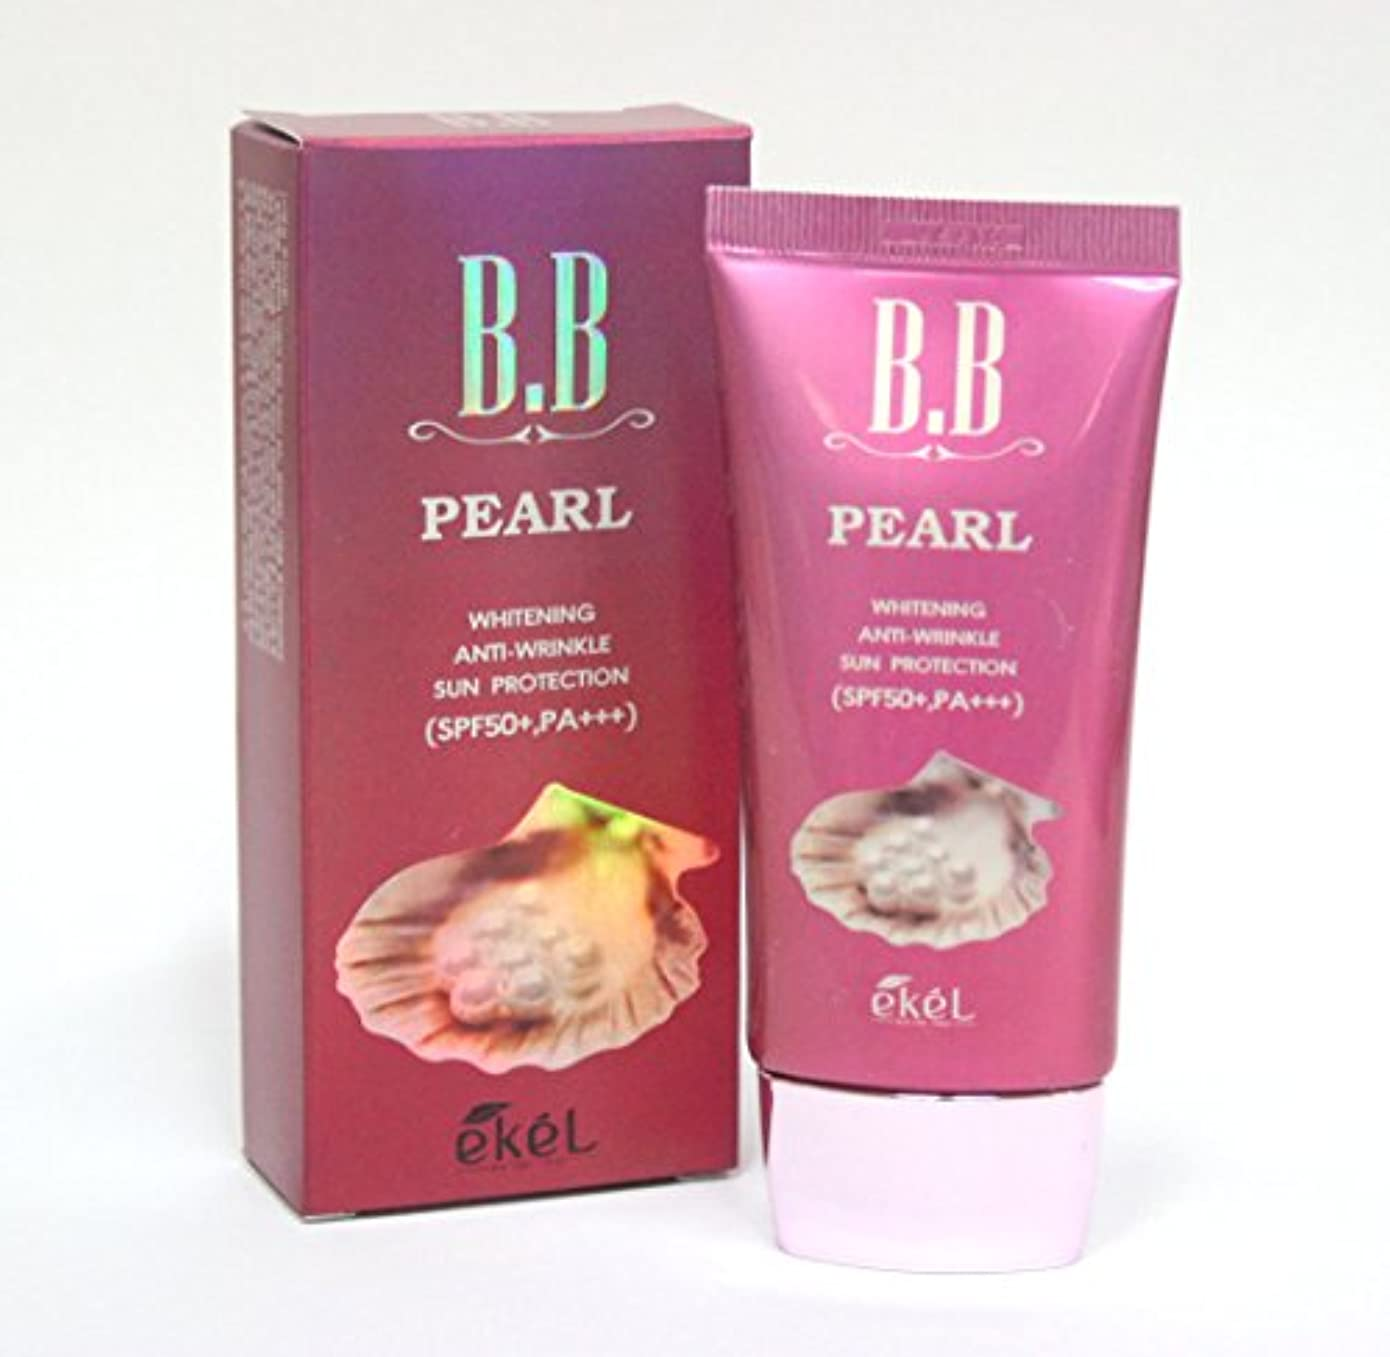 贅沢換気する無一文[Ekel] パールBBクリーム50ml / Pearl BB Cream 50ml / ホワイトニング、アンチリンクル、日焼け防止SPF50 + PA +++ / Whitening, Anti-wrinkle, Sun...